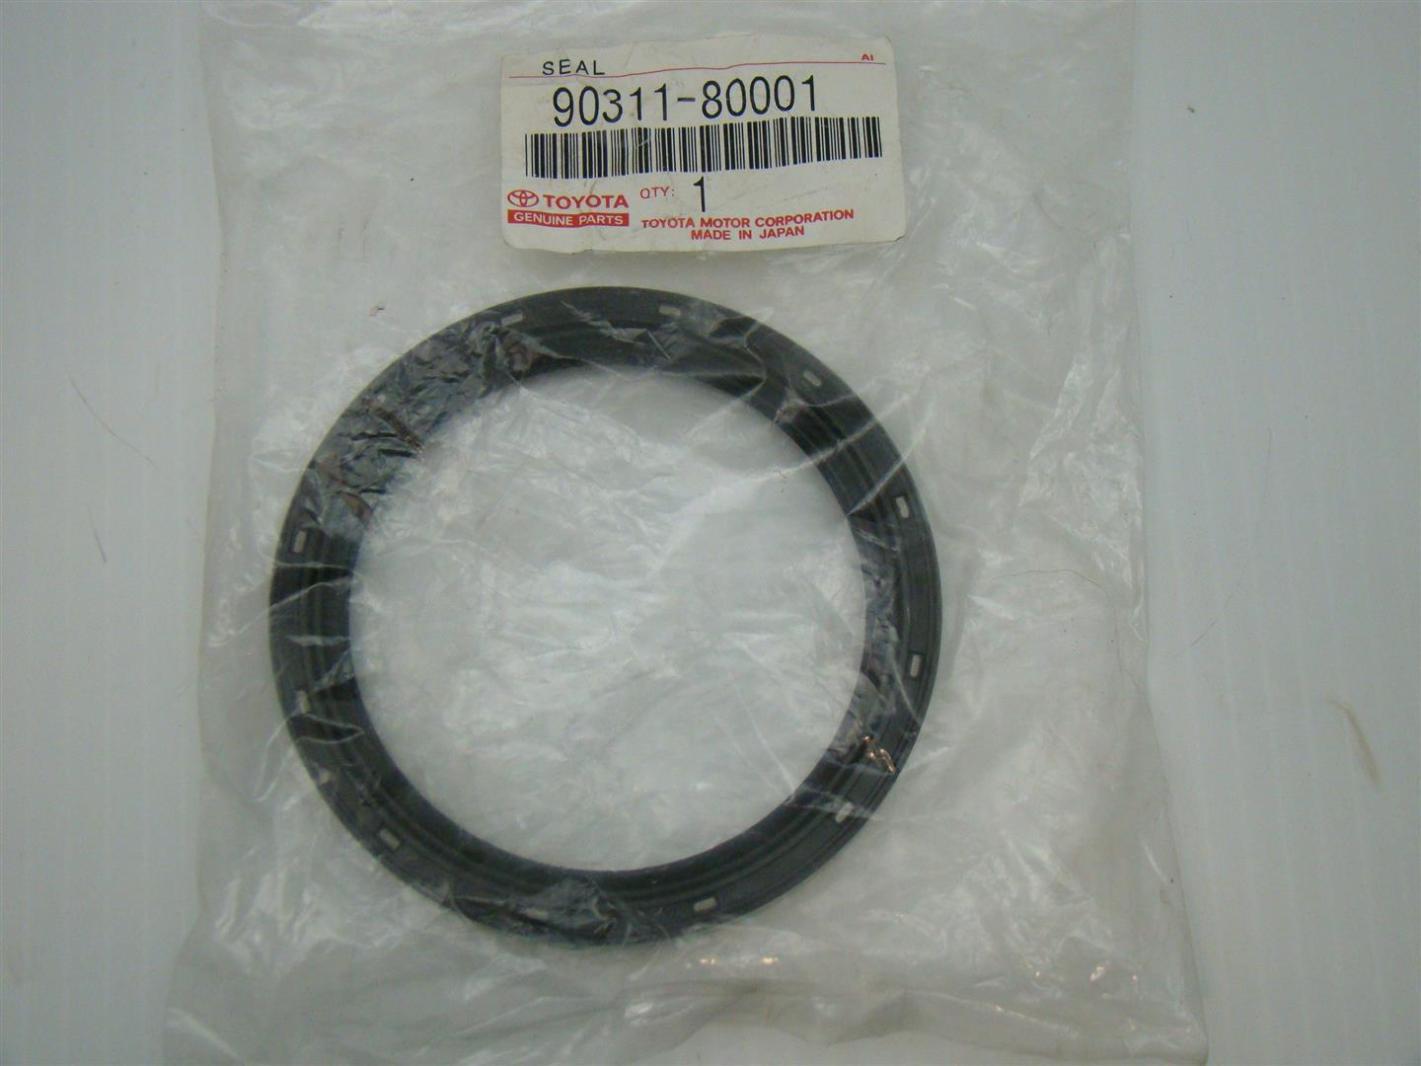 Toyota Genuine Parts Seal 90311 80001 Joseph Fazzio